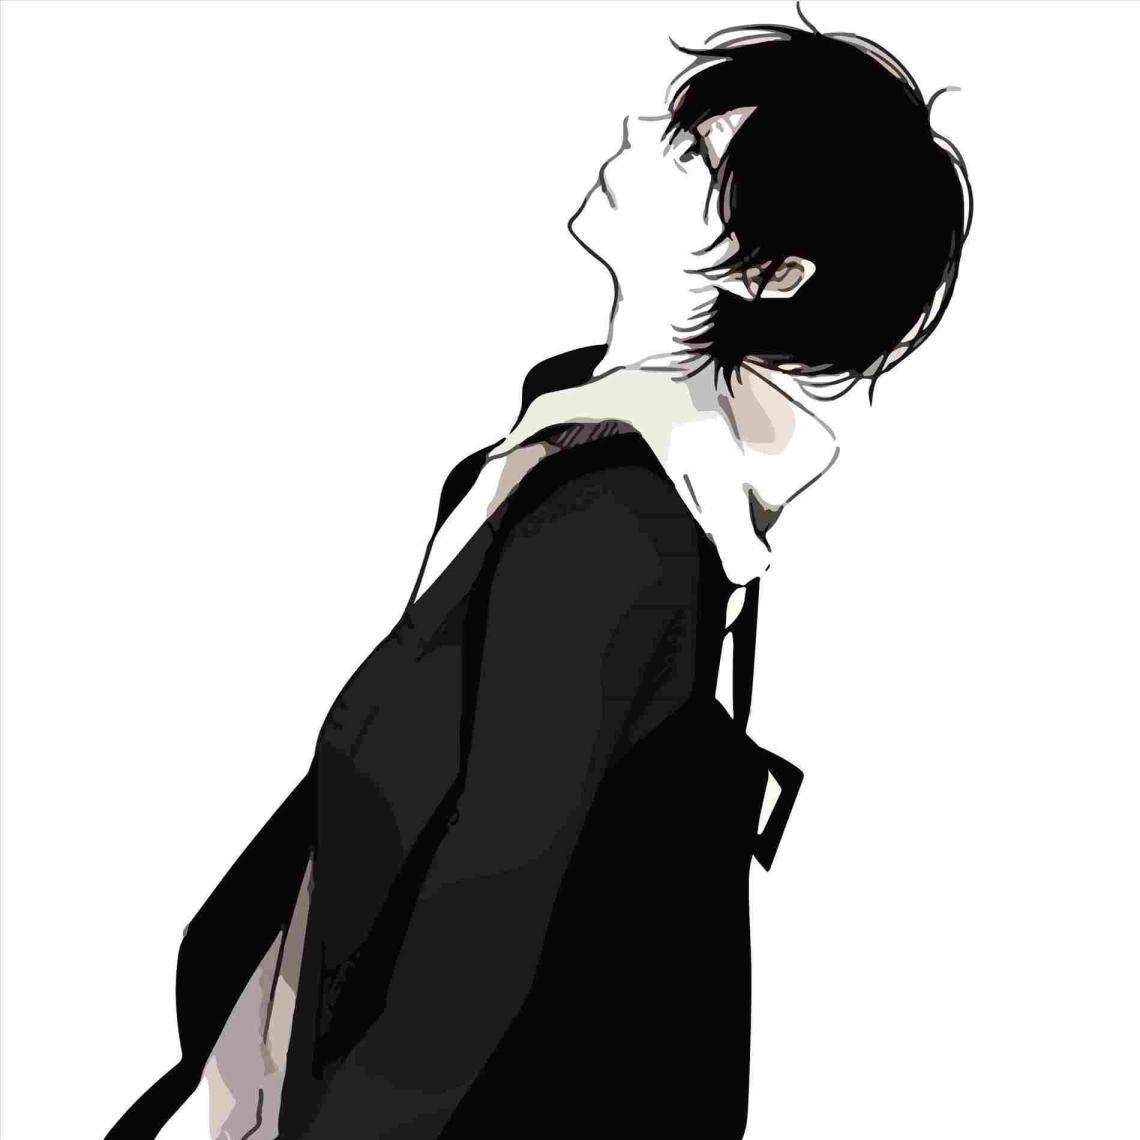 Terbaru 30 Wallpaper Anime Sad Boy Richi Wallpaper